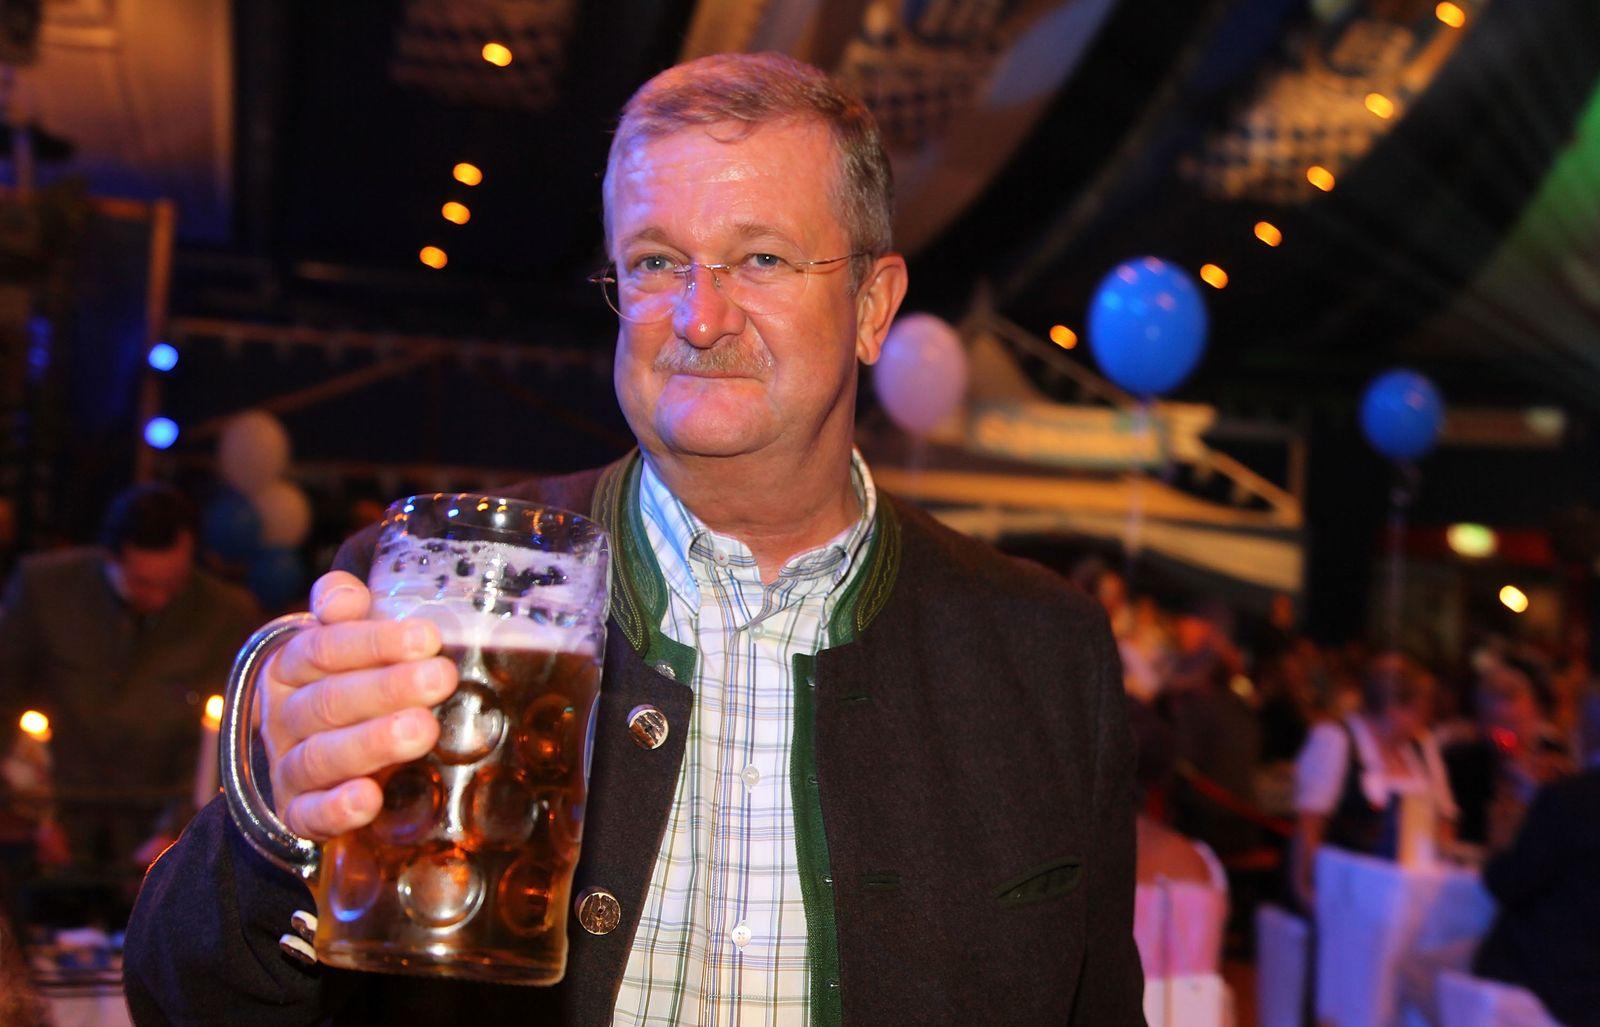 Wiedeking / Bier